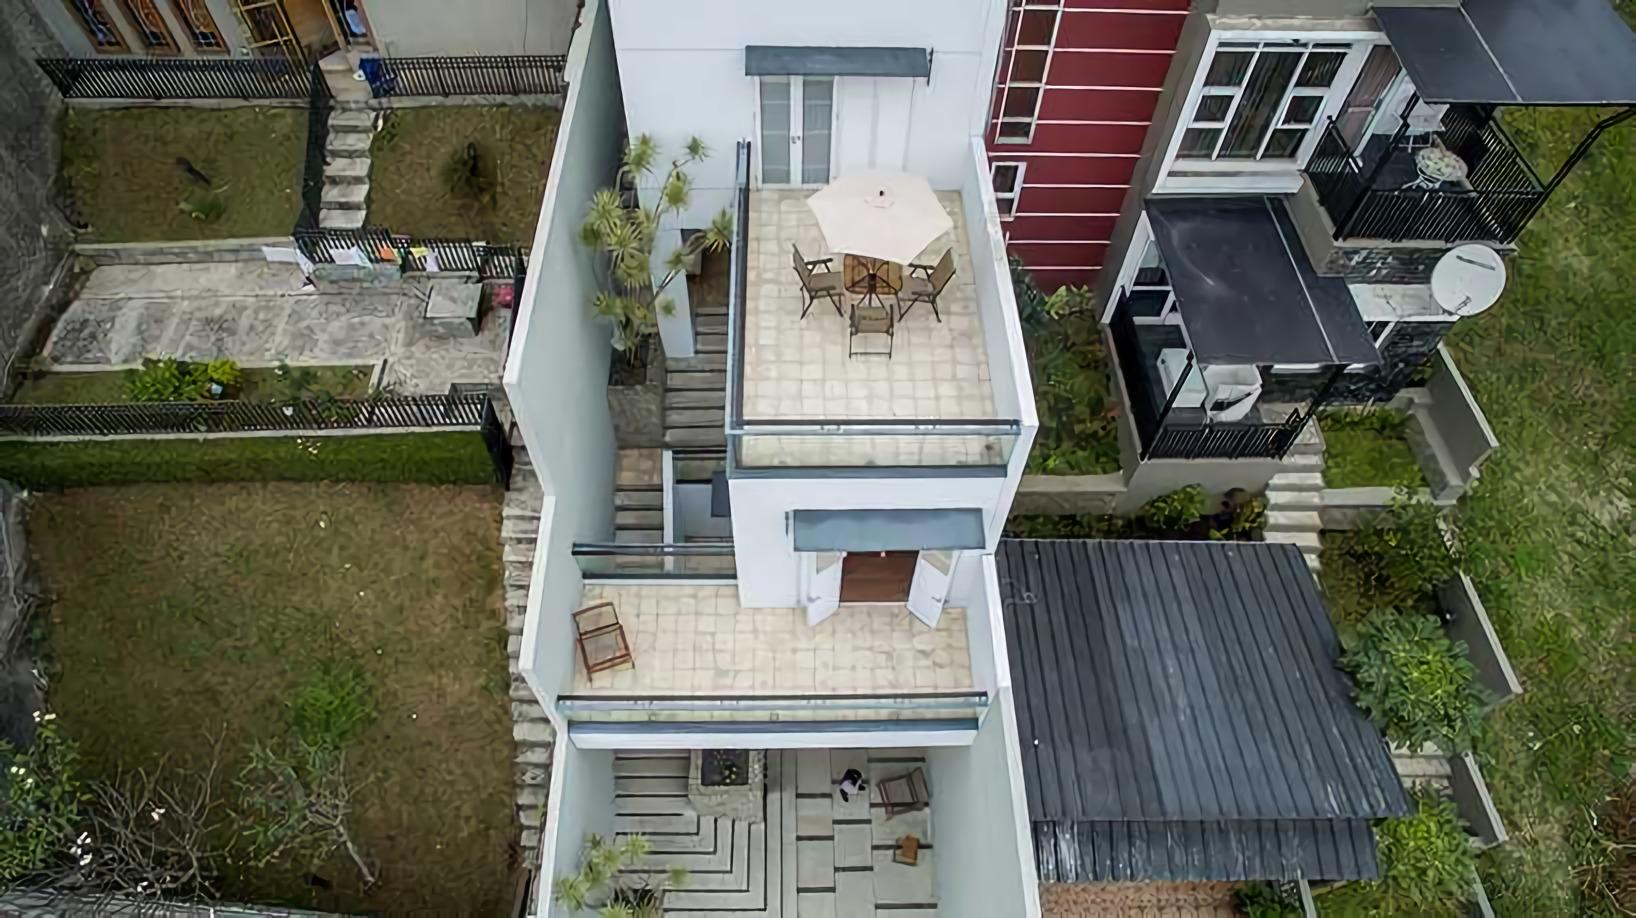 Tangga sebagai akses utama rumah minimalis di lereng bukit (Sumber: arsitag.com)